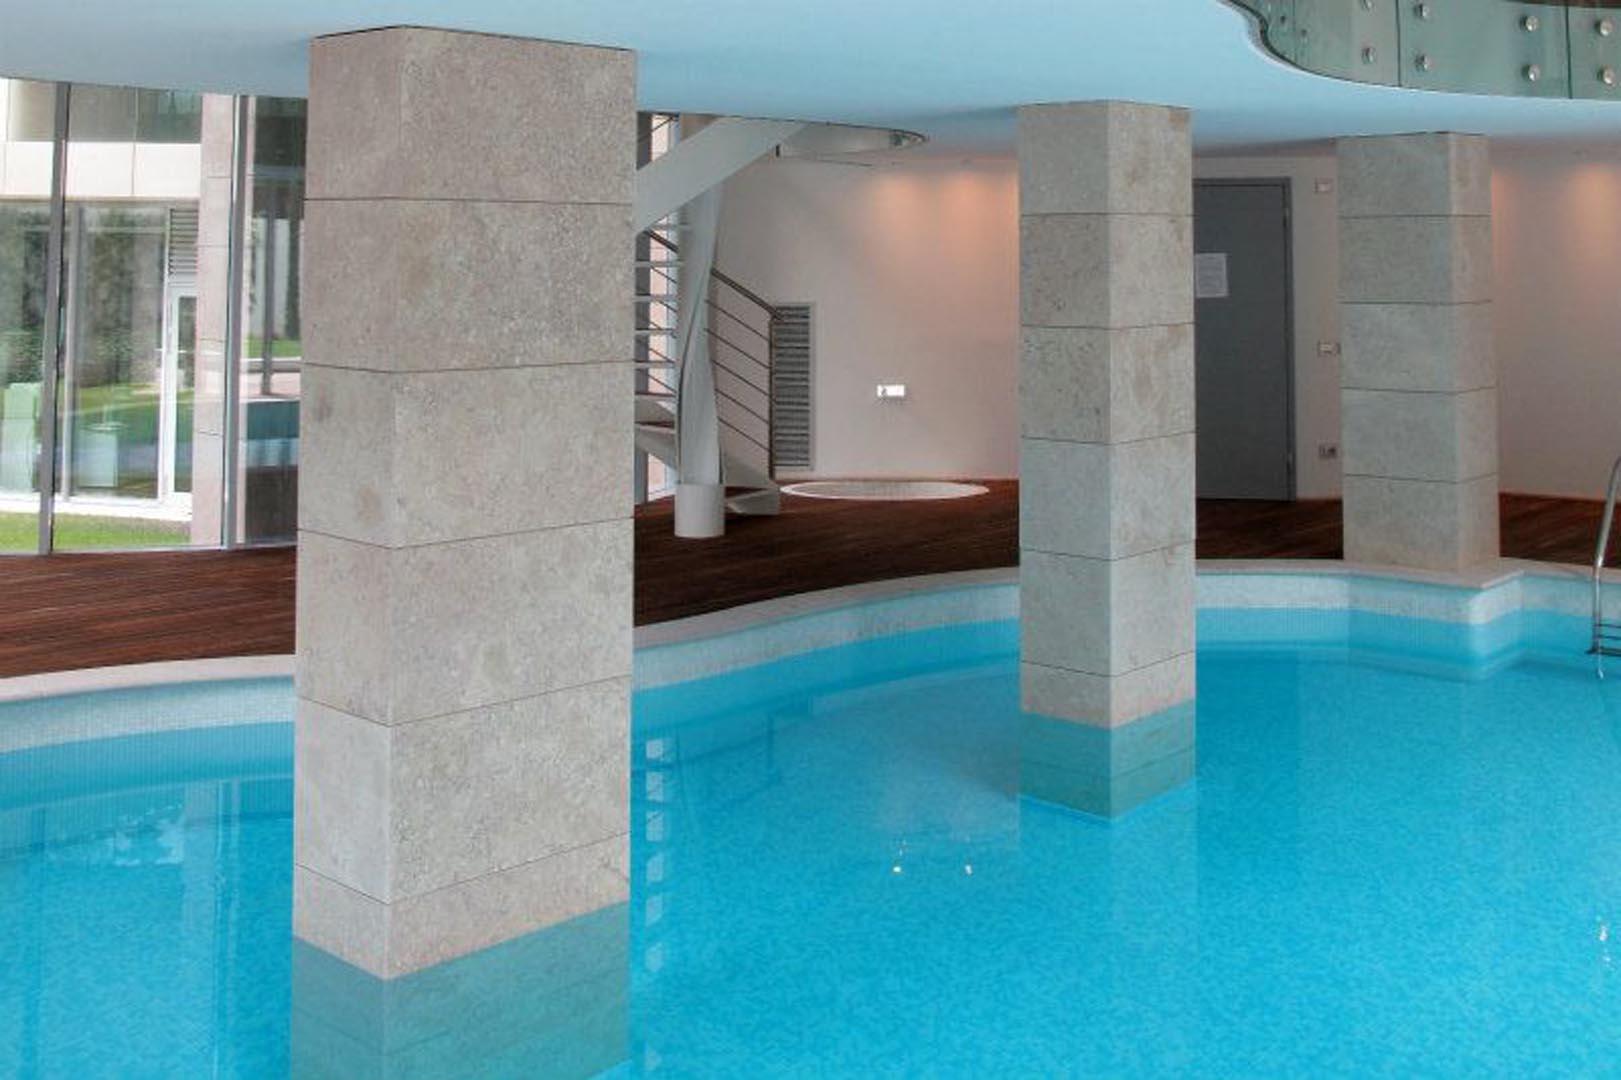 piscina privata italia grolla rosato spazzolato